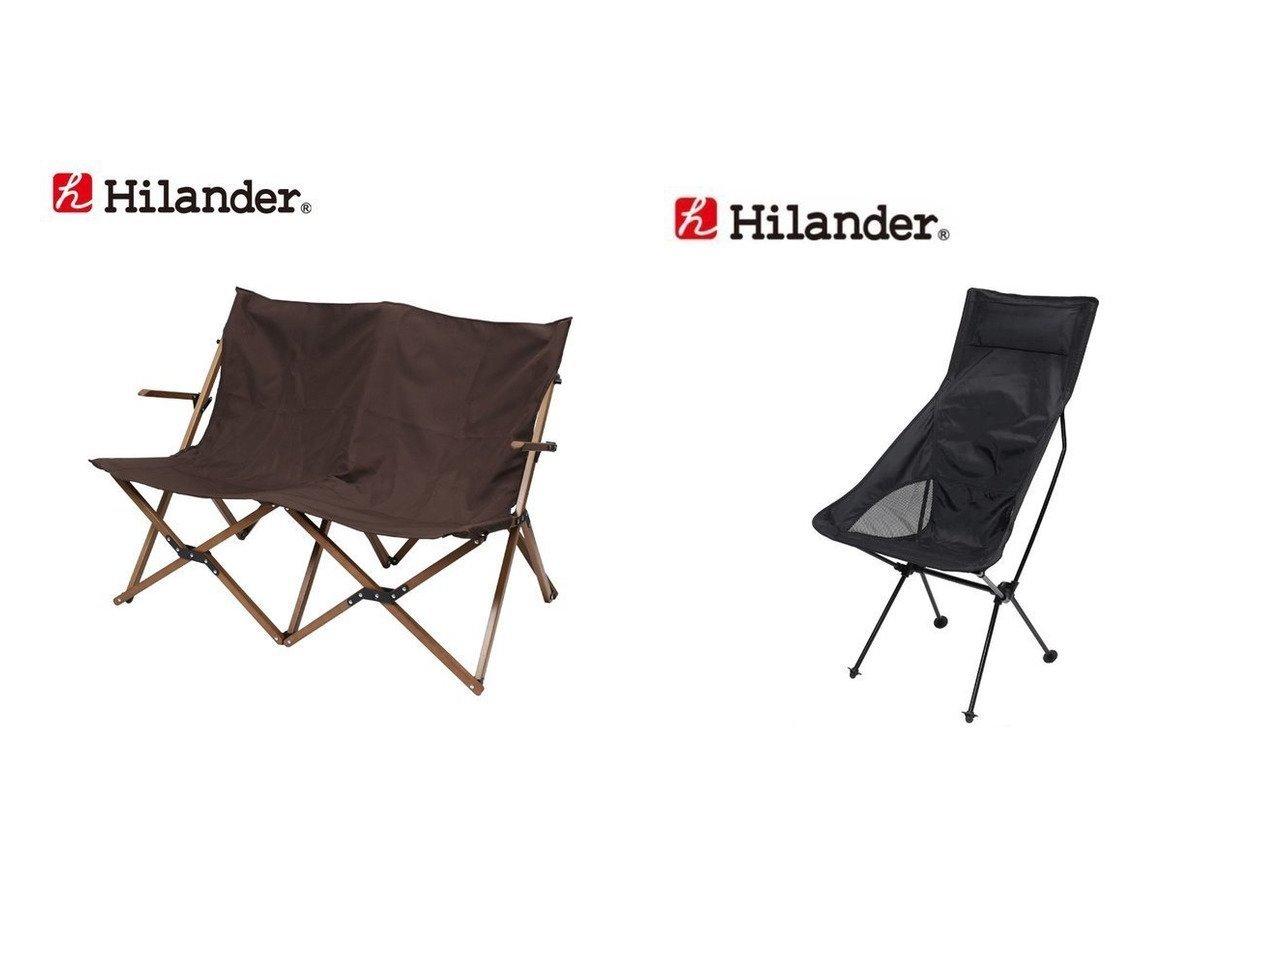 【Hilander/ハイランダー】のウッドフレーム 2人掛けリラックスチェア 限定カラー&アルミコンパクトチェア 【アウトドアチェア】おすすめ!人気キャンプ・アウトドア用品の通販 おすすめで人気の流行・トレンド、ファッションの通販商品 インテリア・家具・メンズファッション・キッズファッション・レディースファッション・服の通販 founy(ファニー) https://founy.com/ アウトドア コンパクト スタンド テーブル フレーム 軽量 ウッド リラックス 人気 ホーム・キャンプ・アウトドア Home,Garden,Outdoor,Camping Gear キャンプ用品・アウトドア  Camping Gear & Outdoor Supplies チェア テーブル Camp Chairs, Camping Tables  ID:crp329100000050199